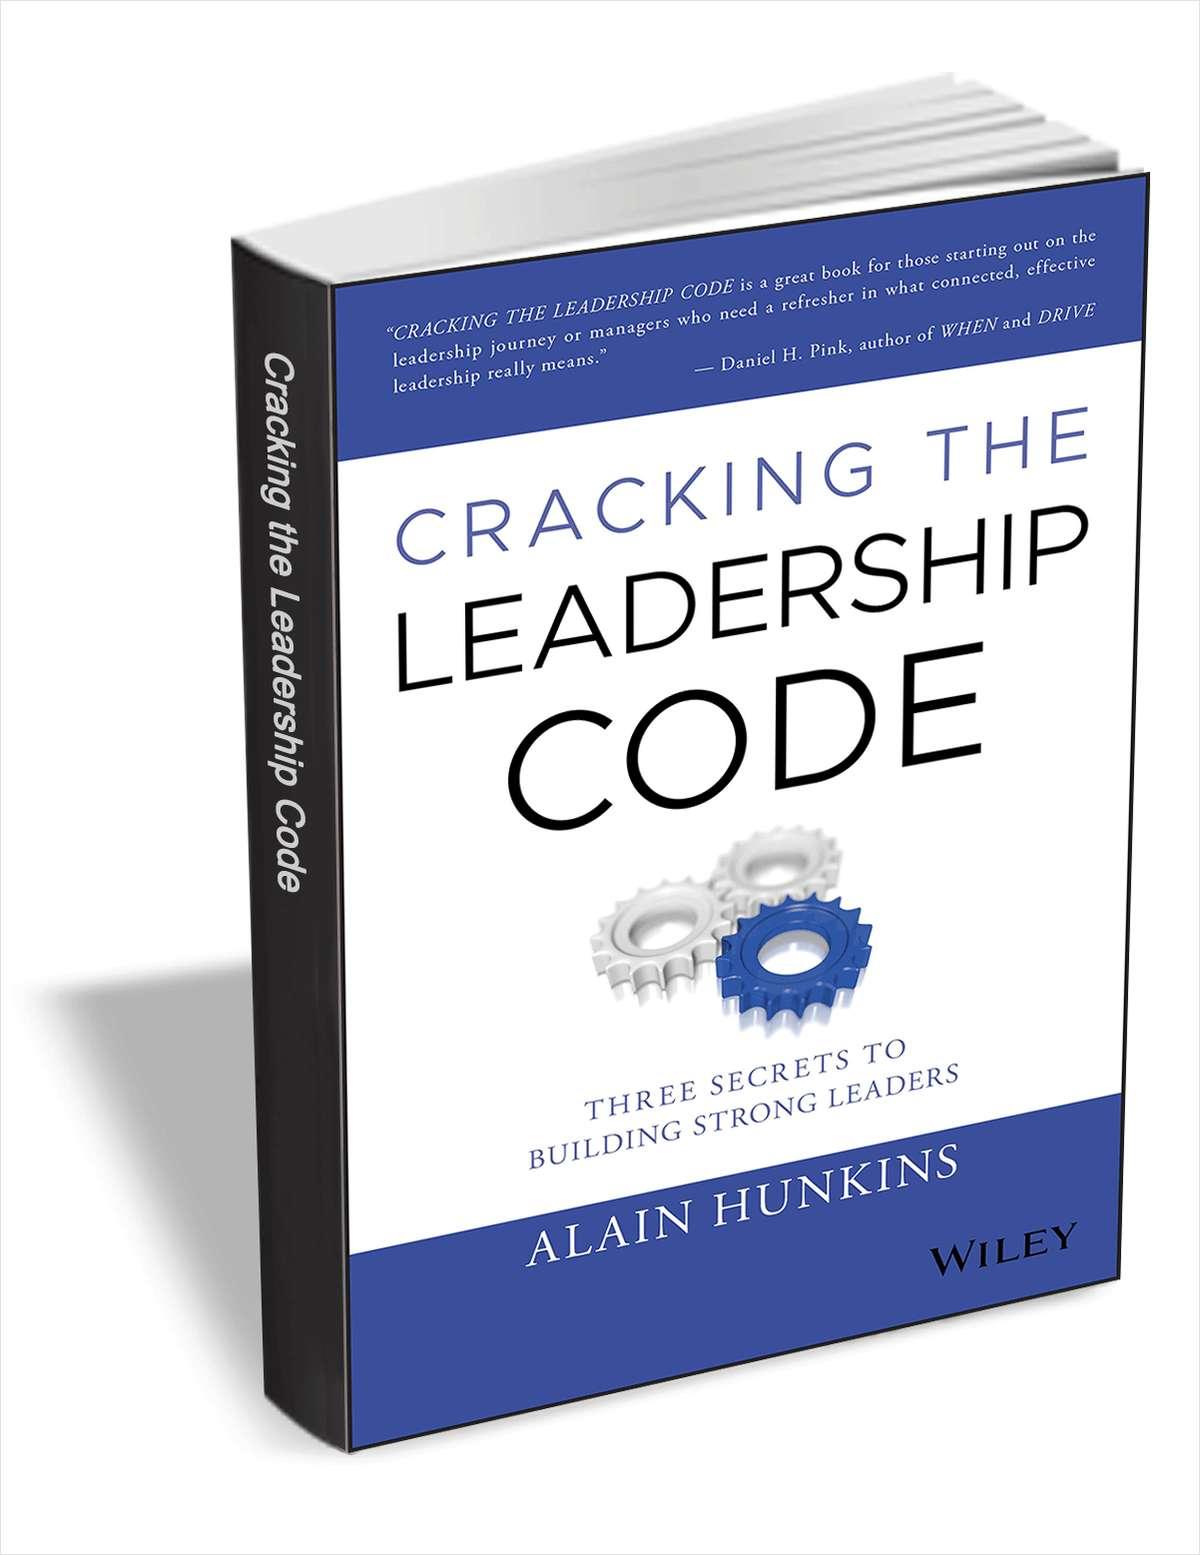 破解领导密码:打造强大领导者的三个秘密($27.00价值